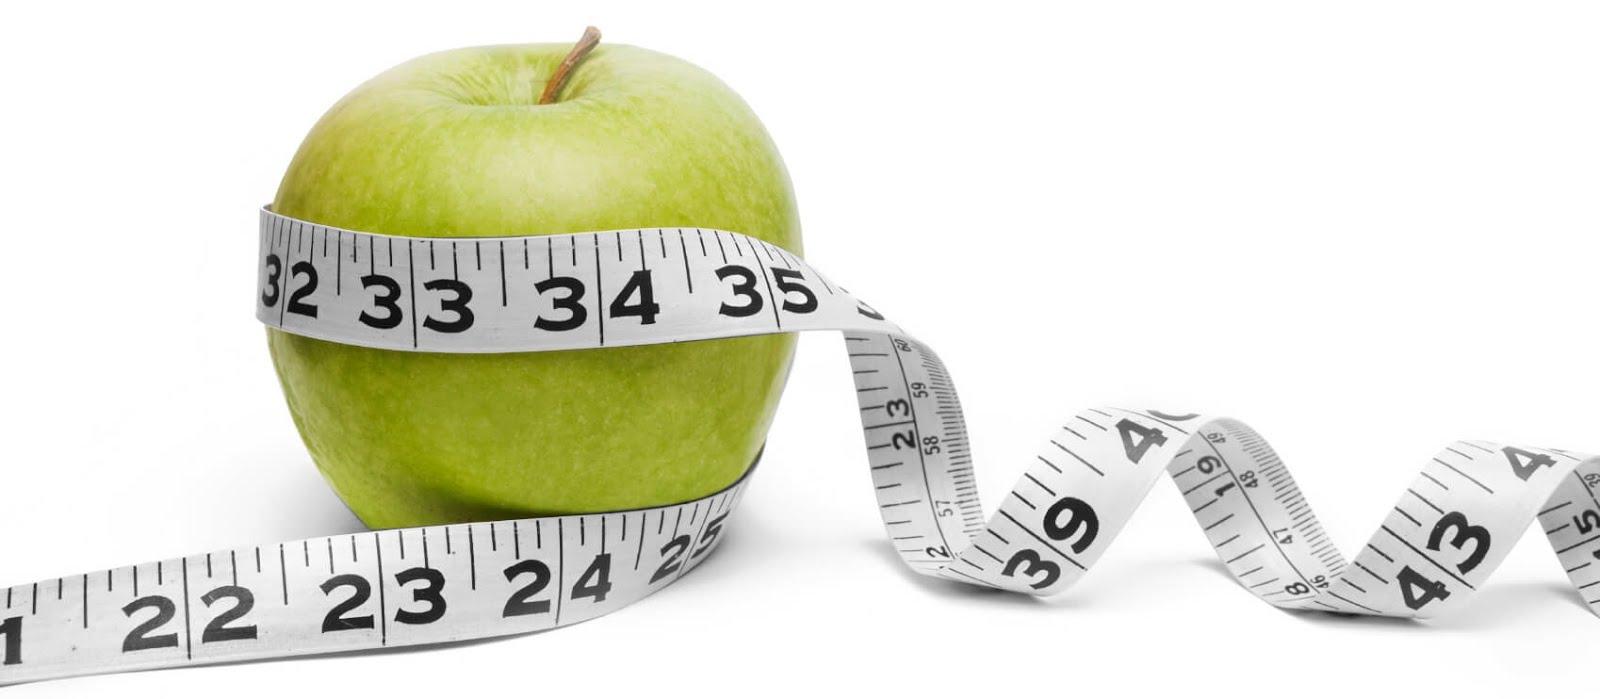 بالصور رجيم التفاح الاخضر , اجمل الانظمة الغذائية لتقليل الوزن 3514 2